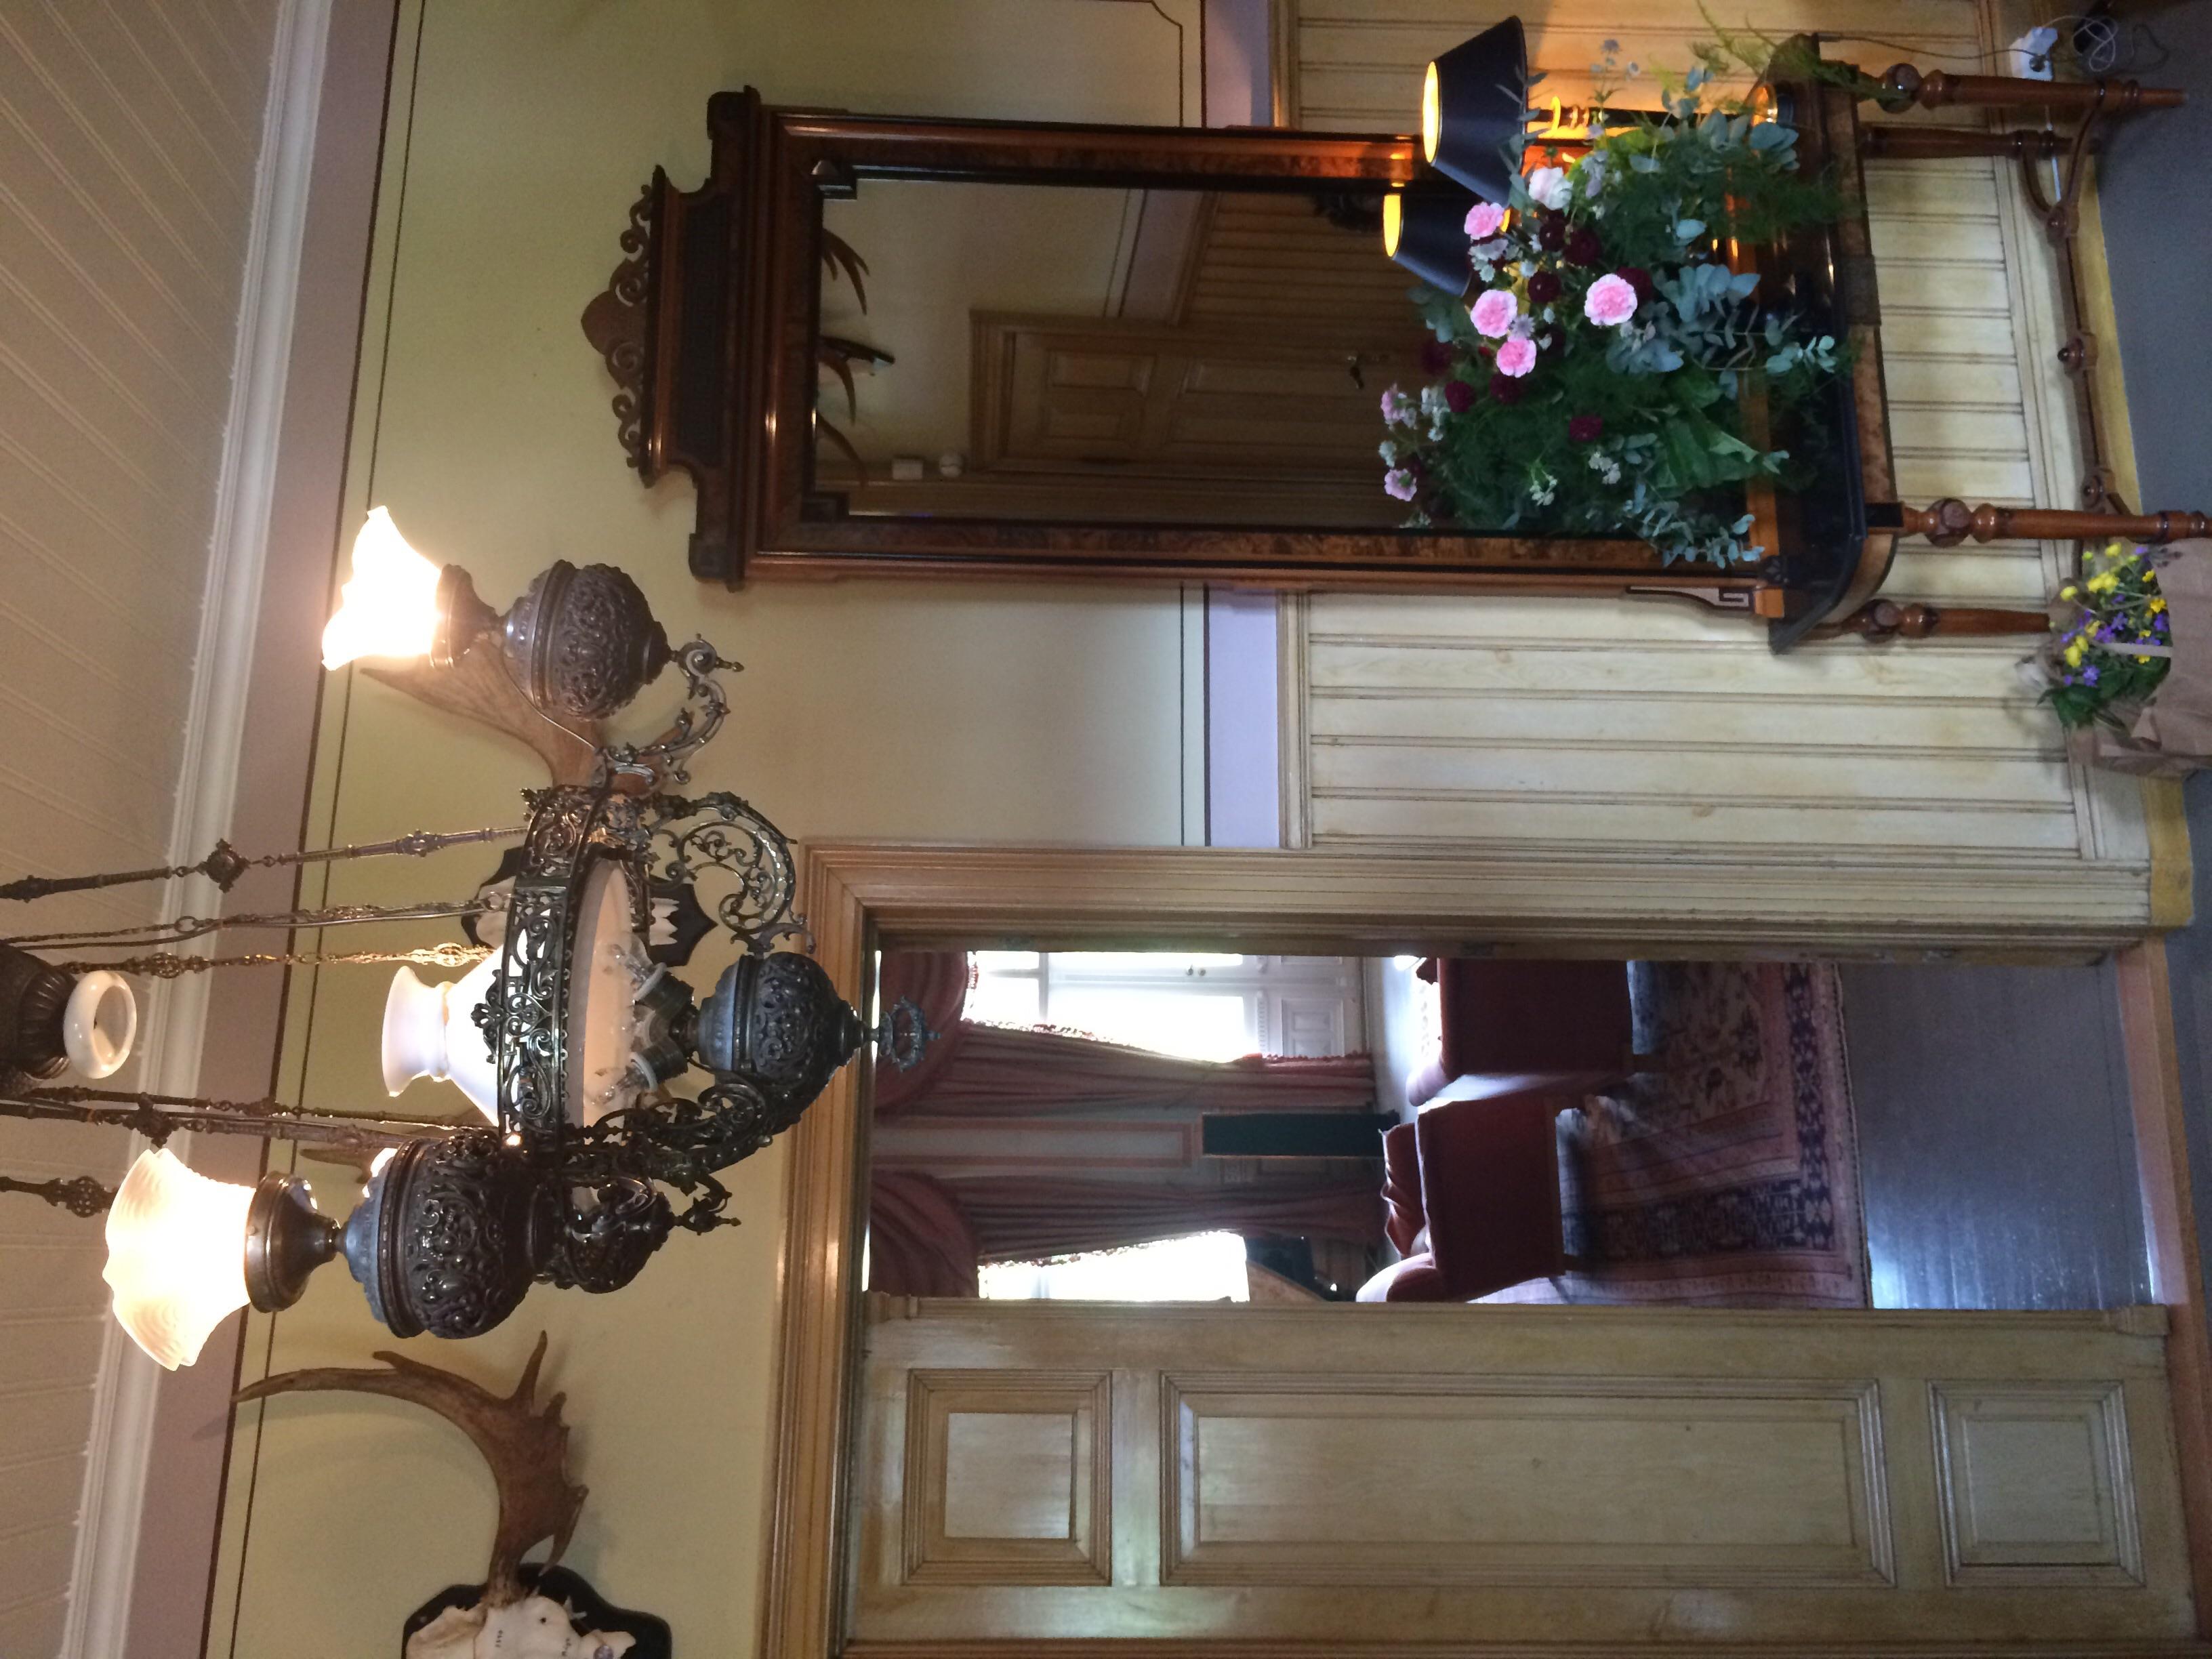 Jakttrofeer pryder mange av veggene i det gamle herskapshuset, og vasene er fylt av spiselige blomster fra den historiske hagen.